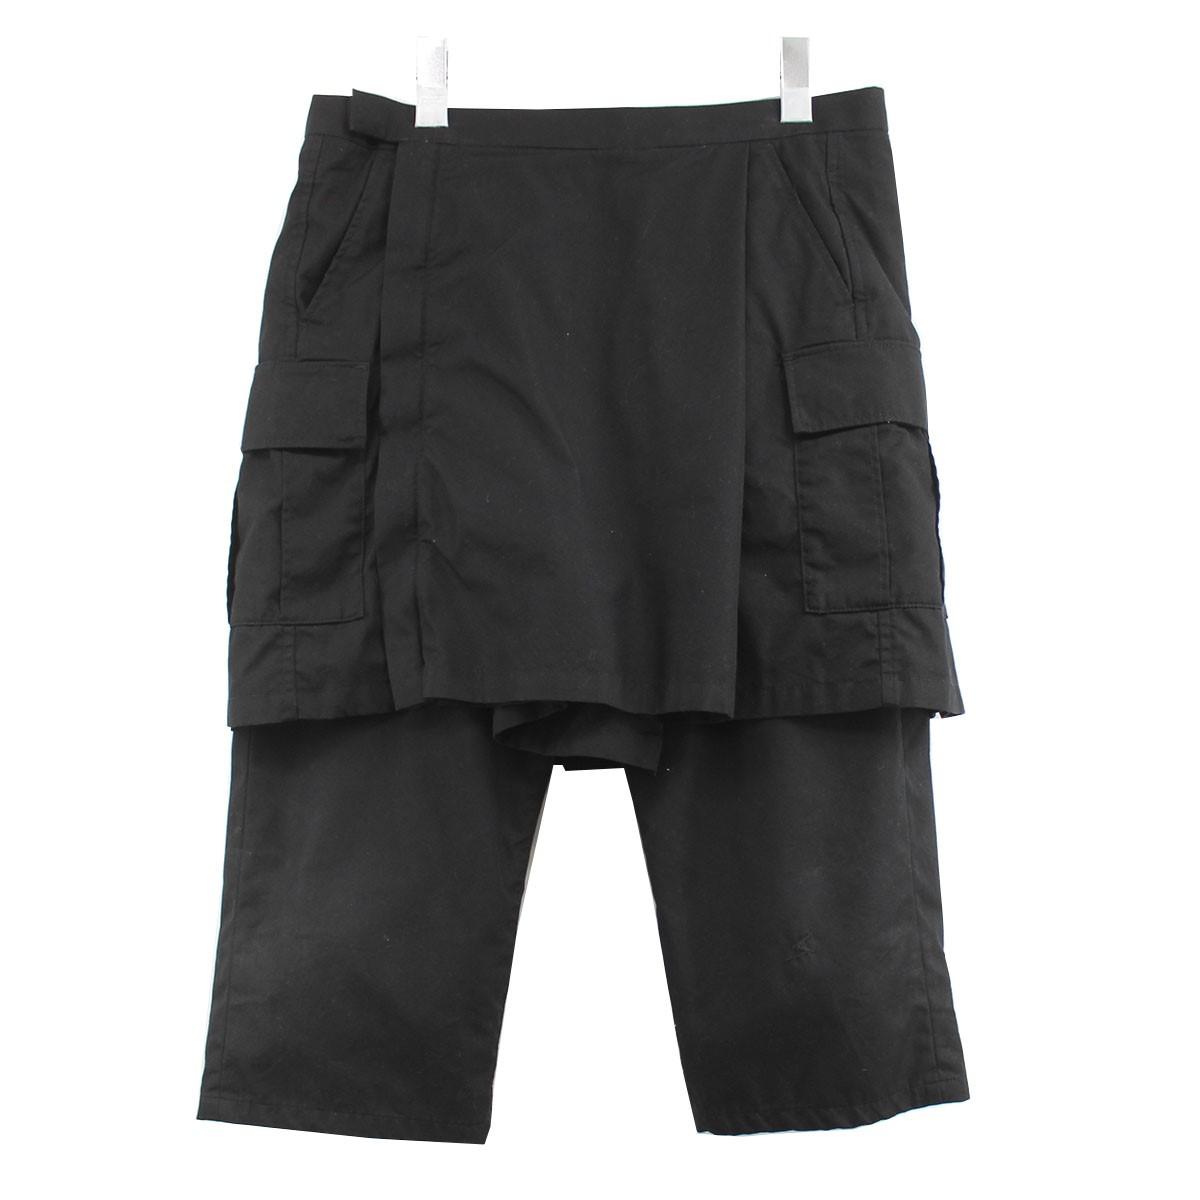 【中古】UNDERCOVER 09AW カーゴスカートレイヤードパンツ ブラック サイズ:3 【030820】(アンダーカバー)